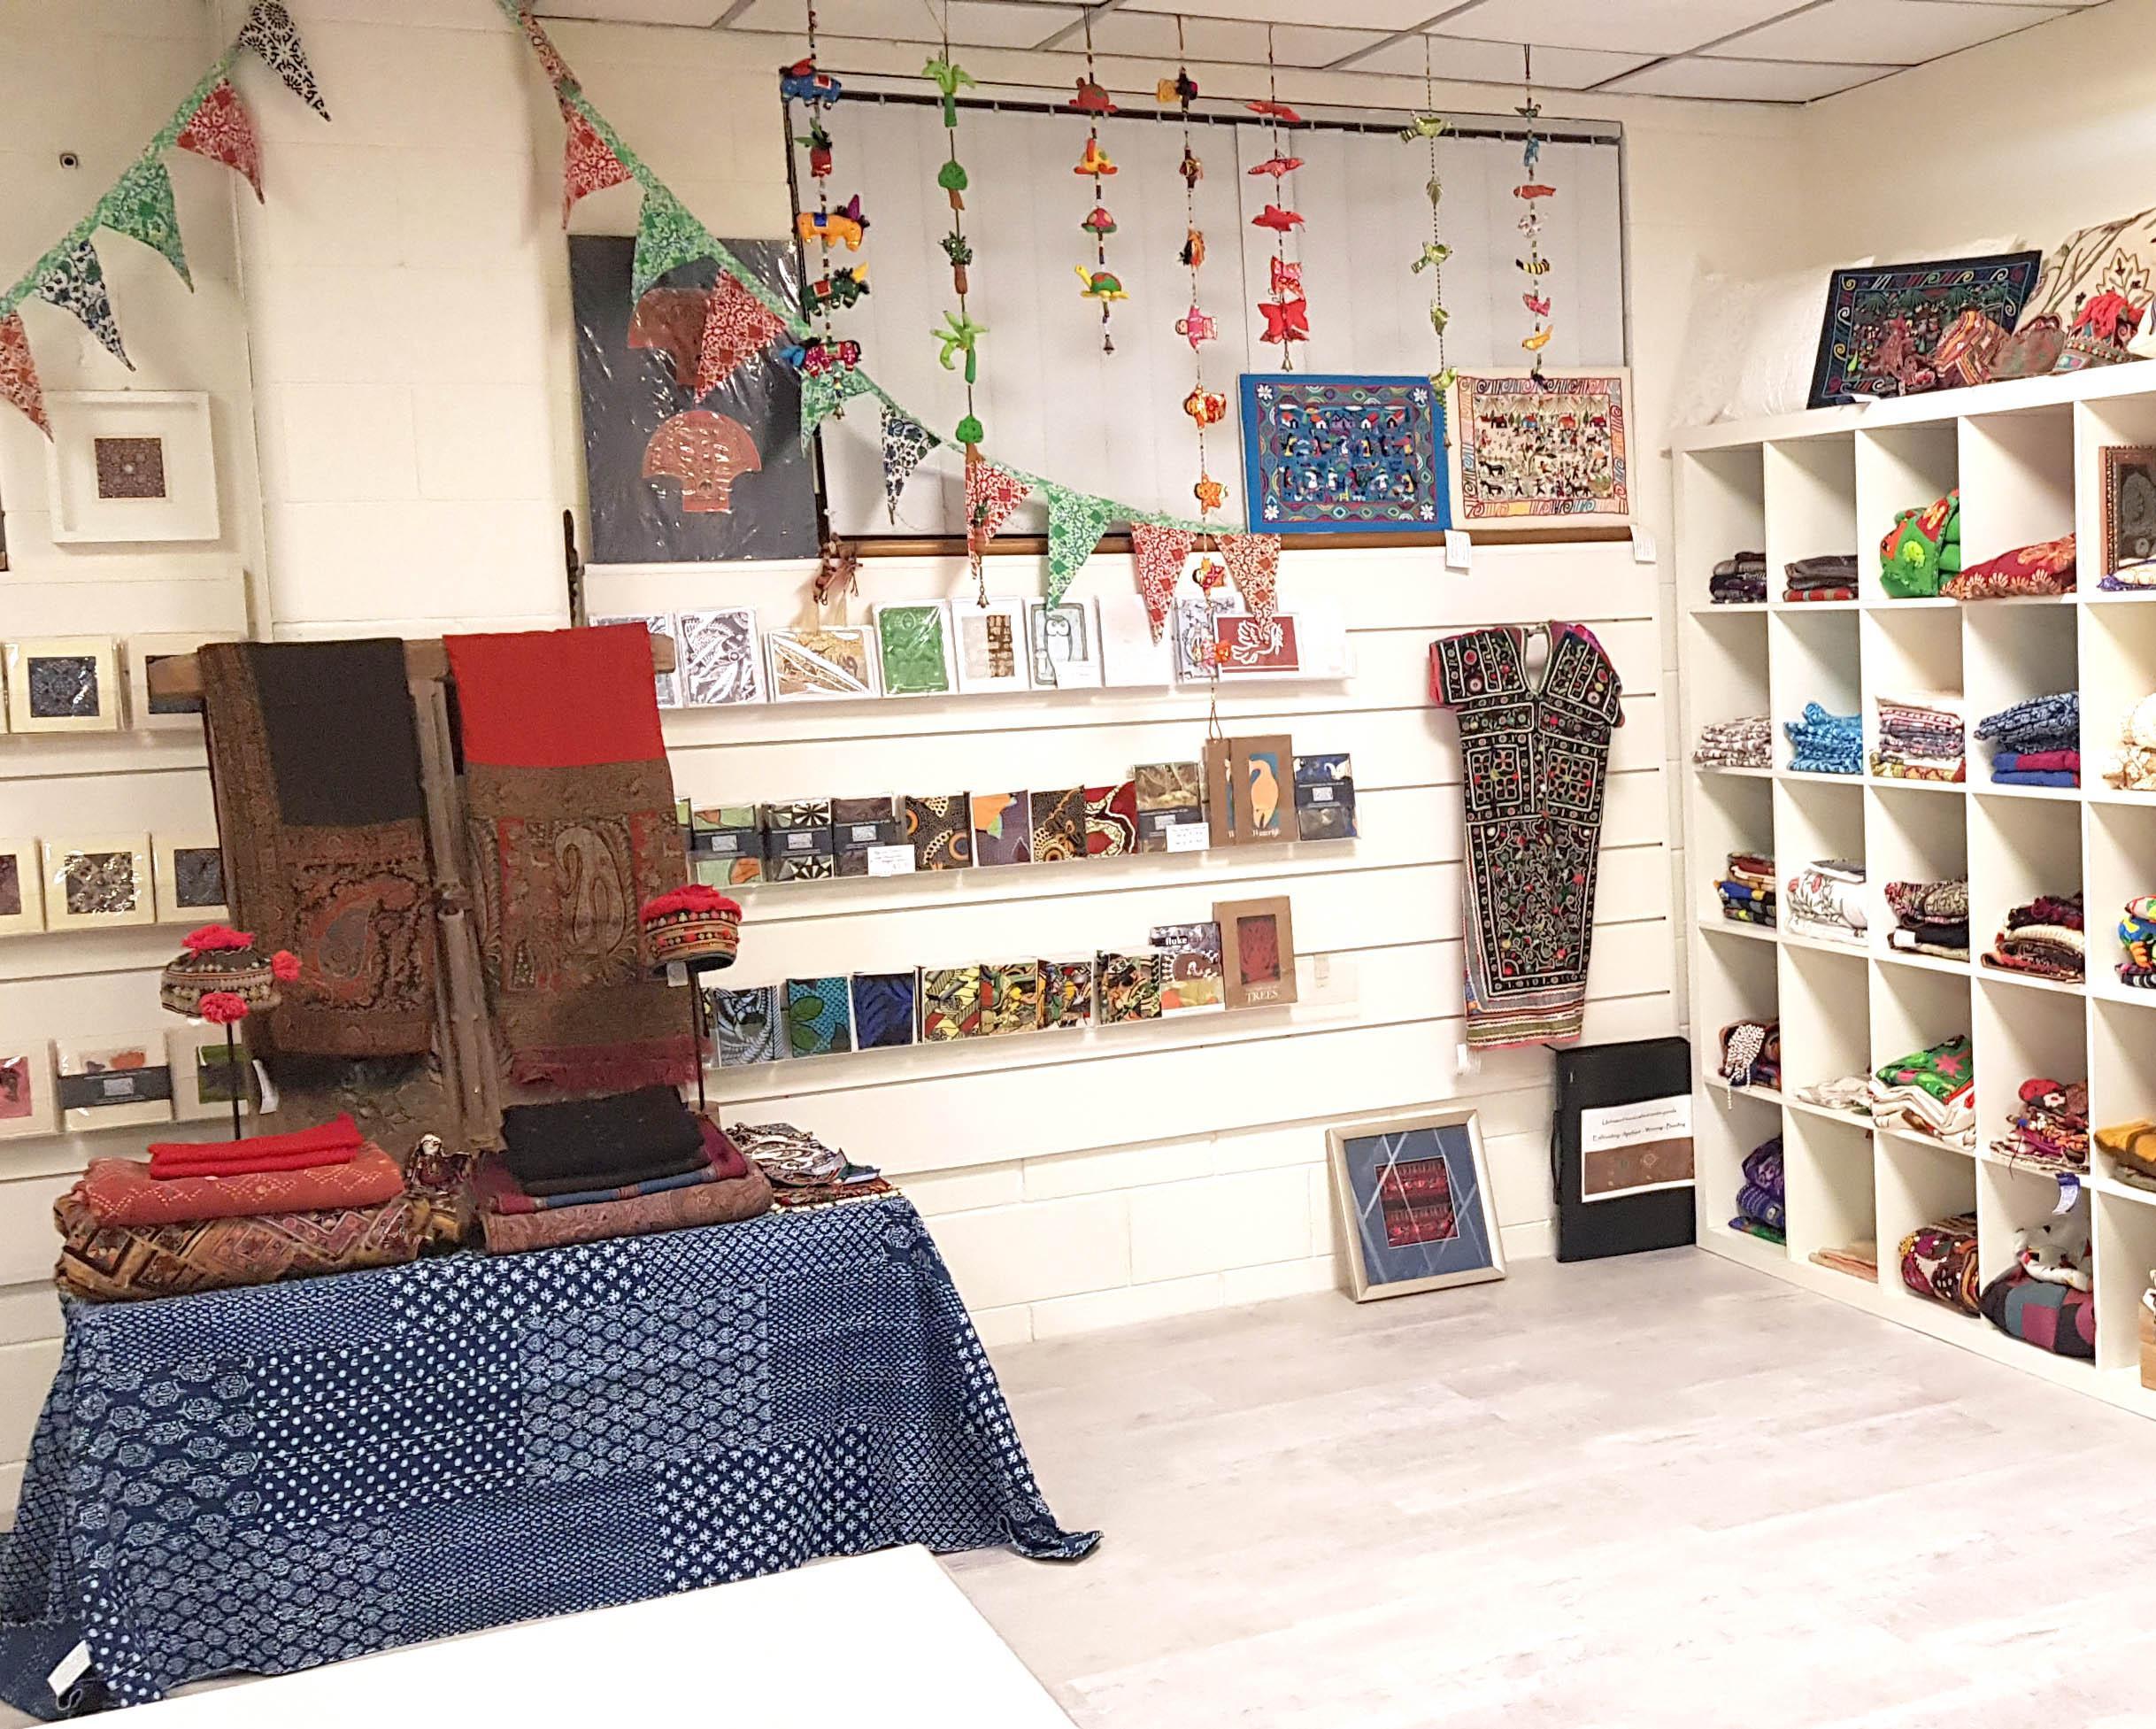 Fol shop